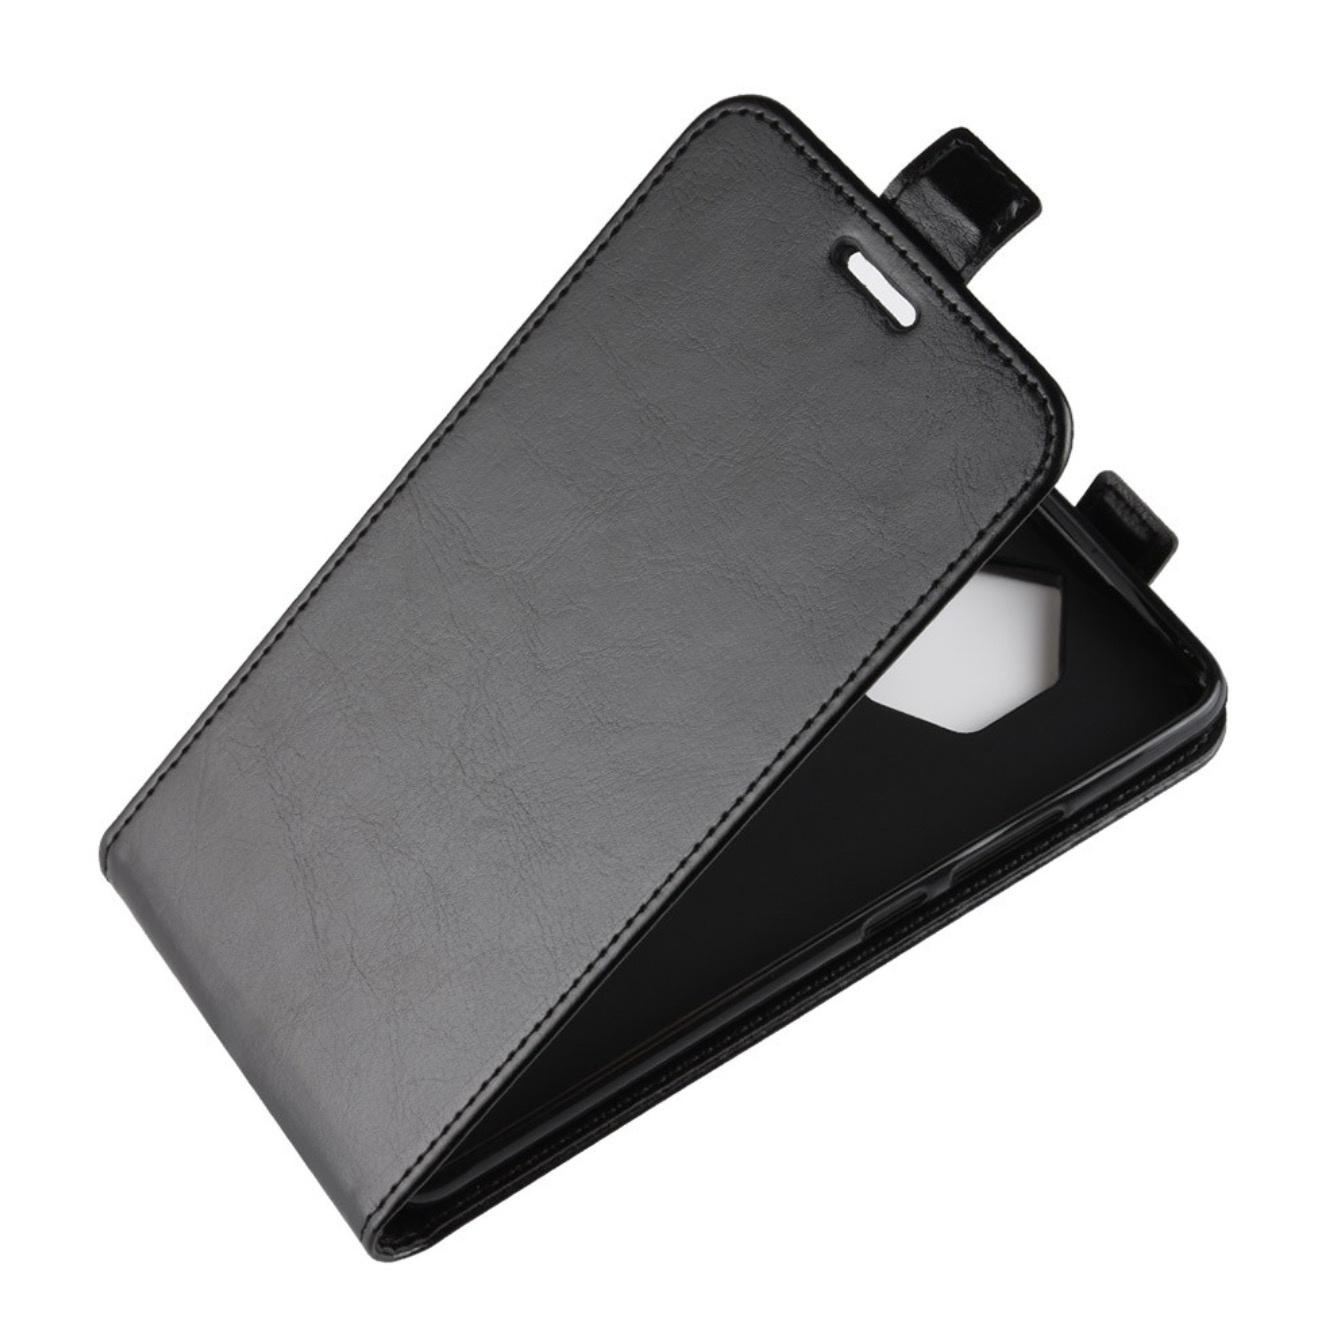 Чехол-флип MyPads для Meizu M1 вертикальный откидной черный